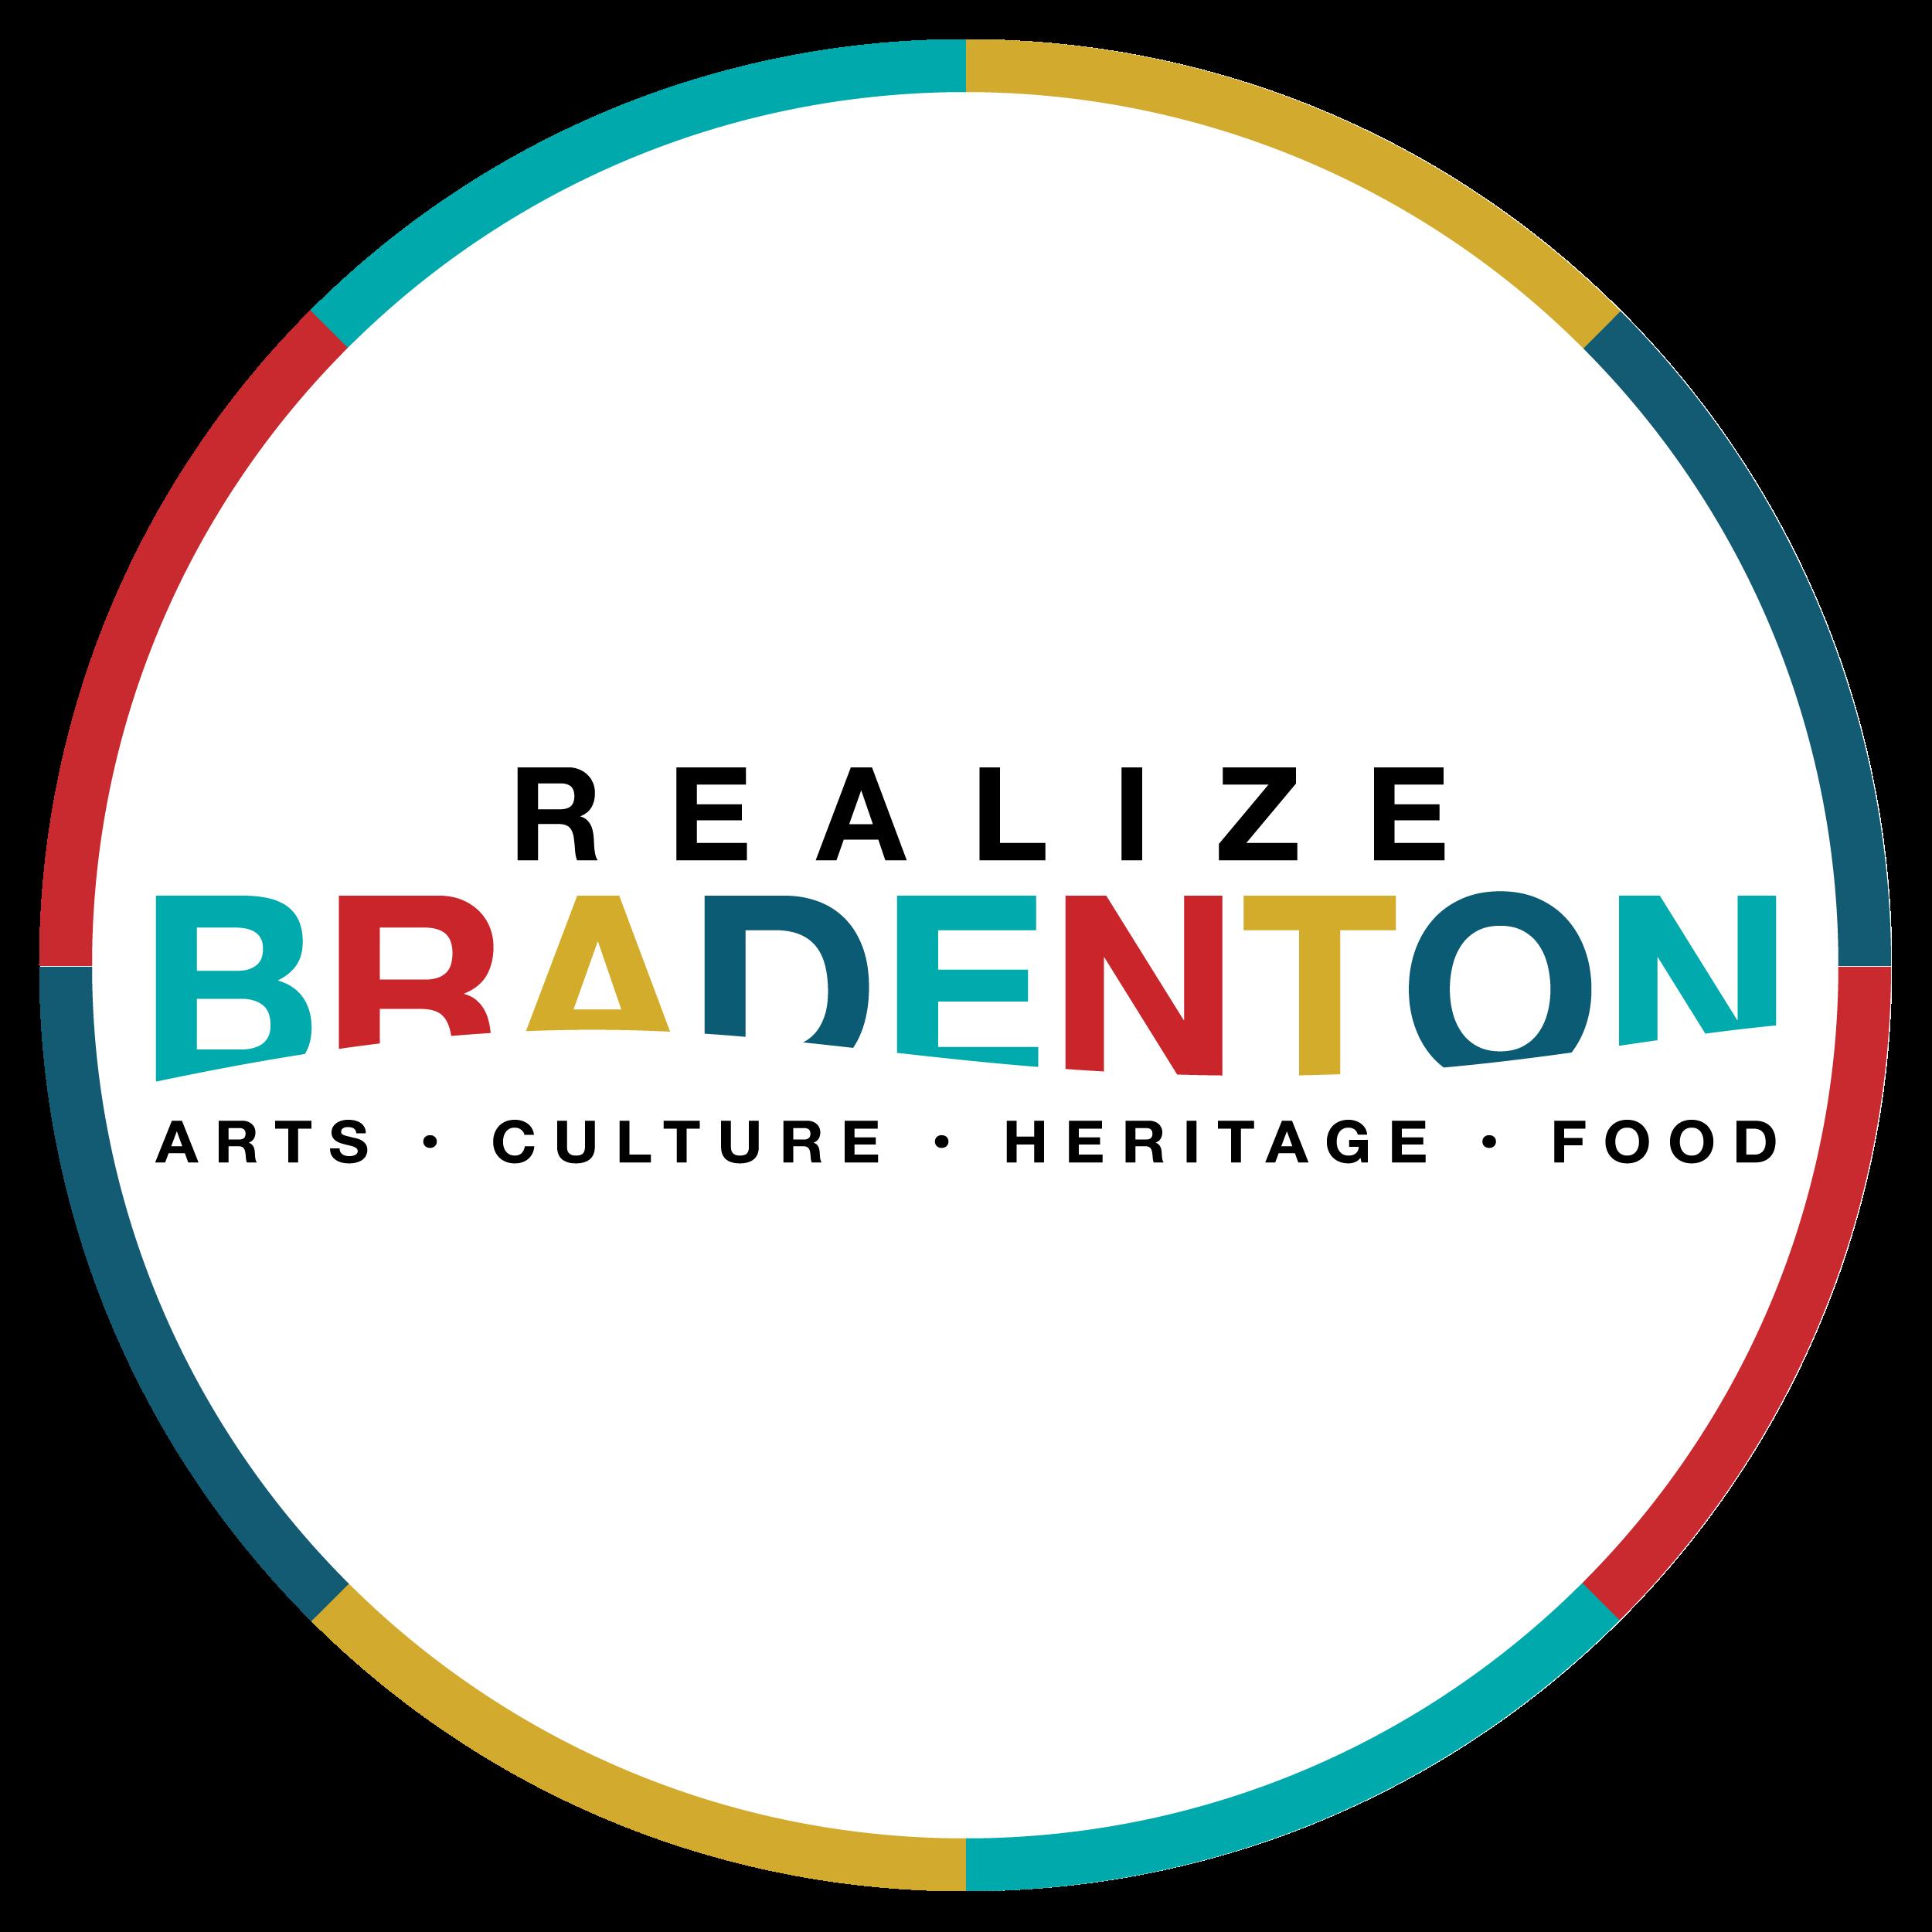 Realize Bradenton In Bradenton Fl Visit Florida Visit Florida Bradenton Florida Tourism